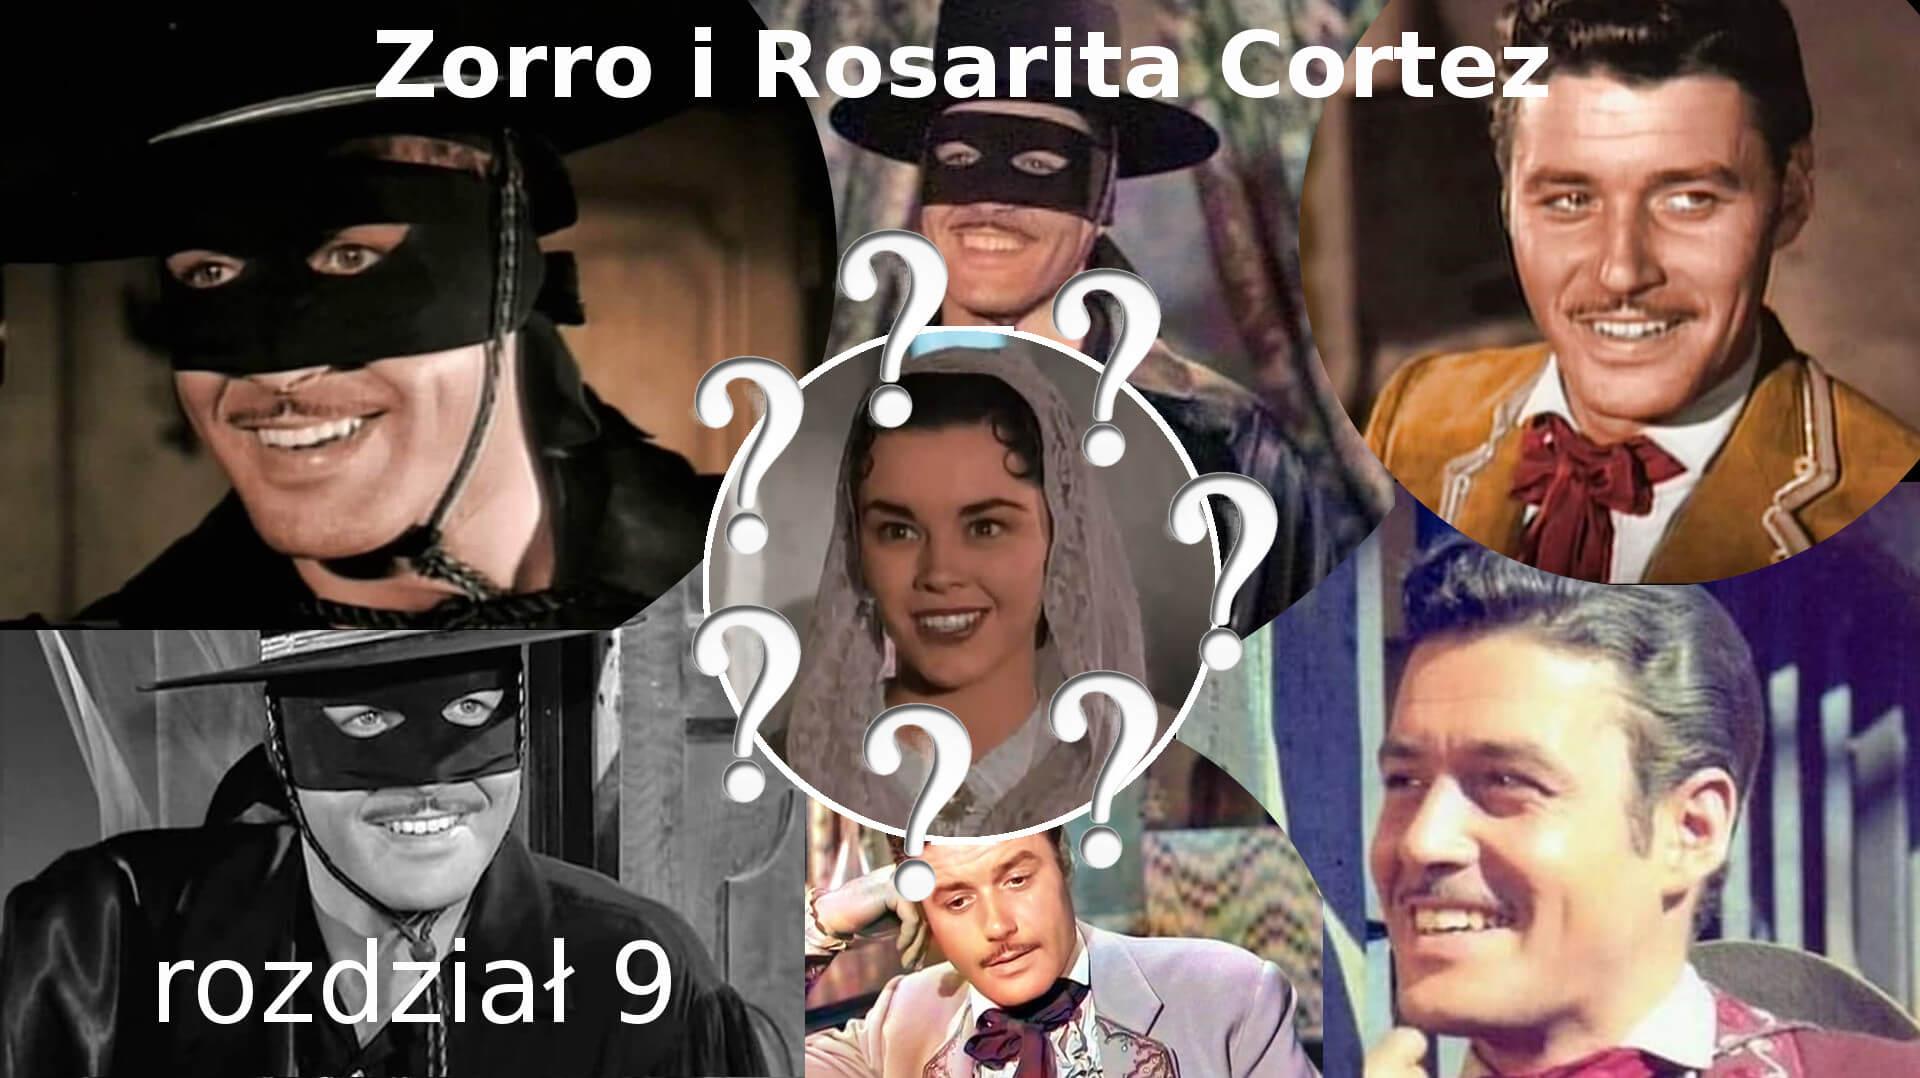 Zorro i Rosarita Cortez rozdział 9 Zorro fanfiction